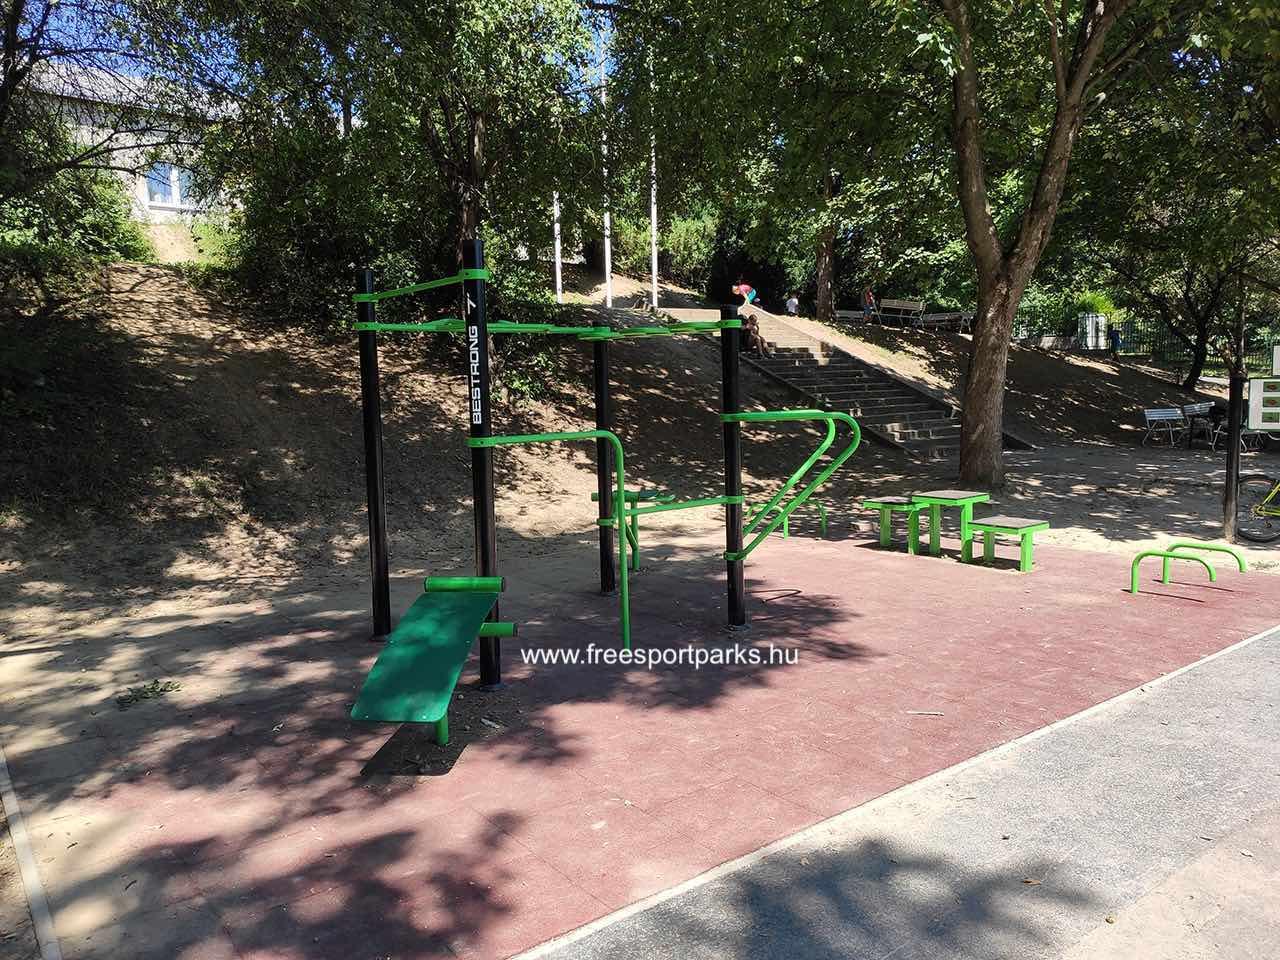 Laborc utca (Óbudai Szabadidőpark) - kondipark (Street Workout Park) - Free Sport Parks térkép